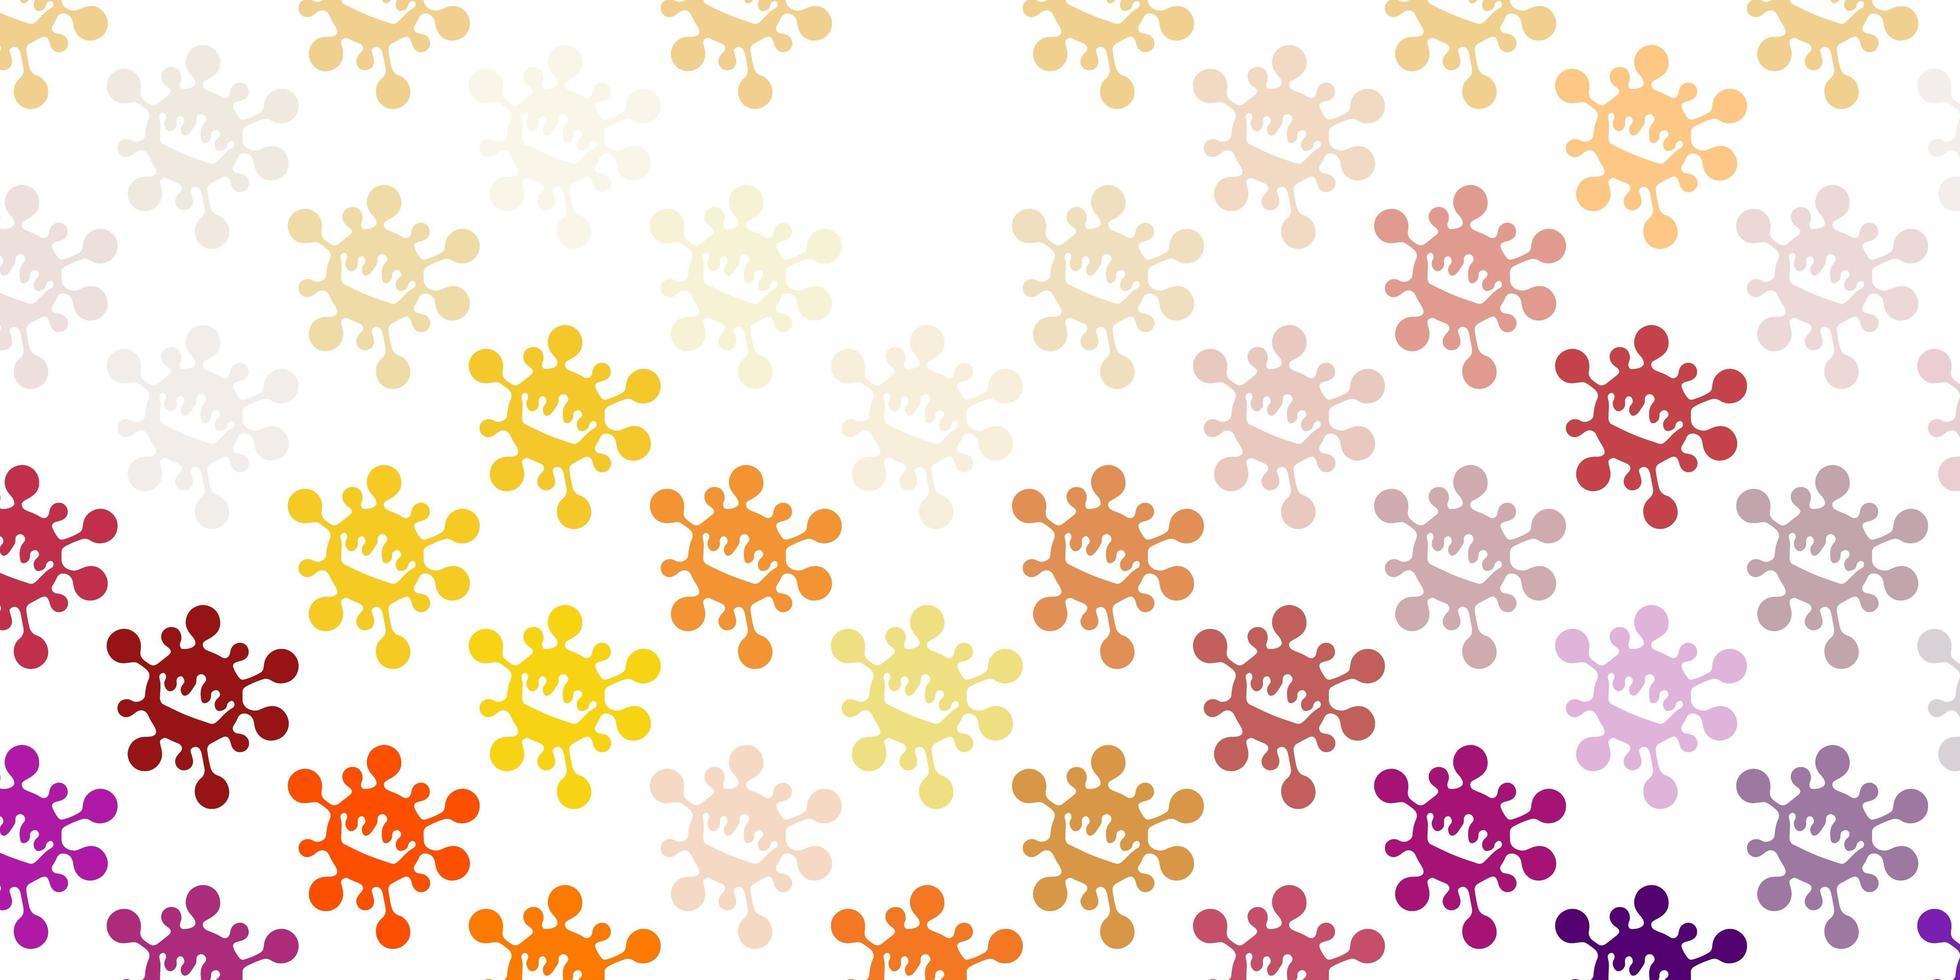 ljusrosa, gul vektorbakgrund med virussymboler. vektor